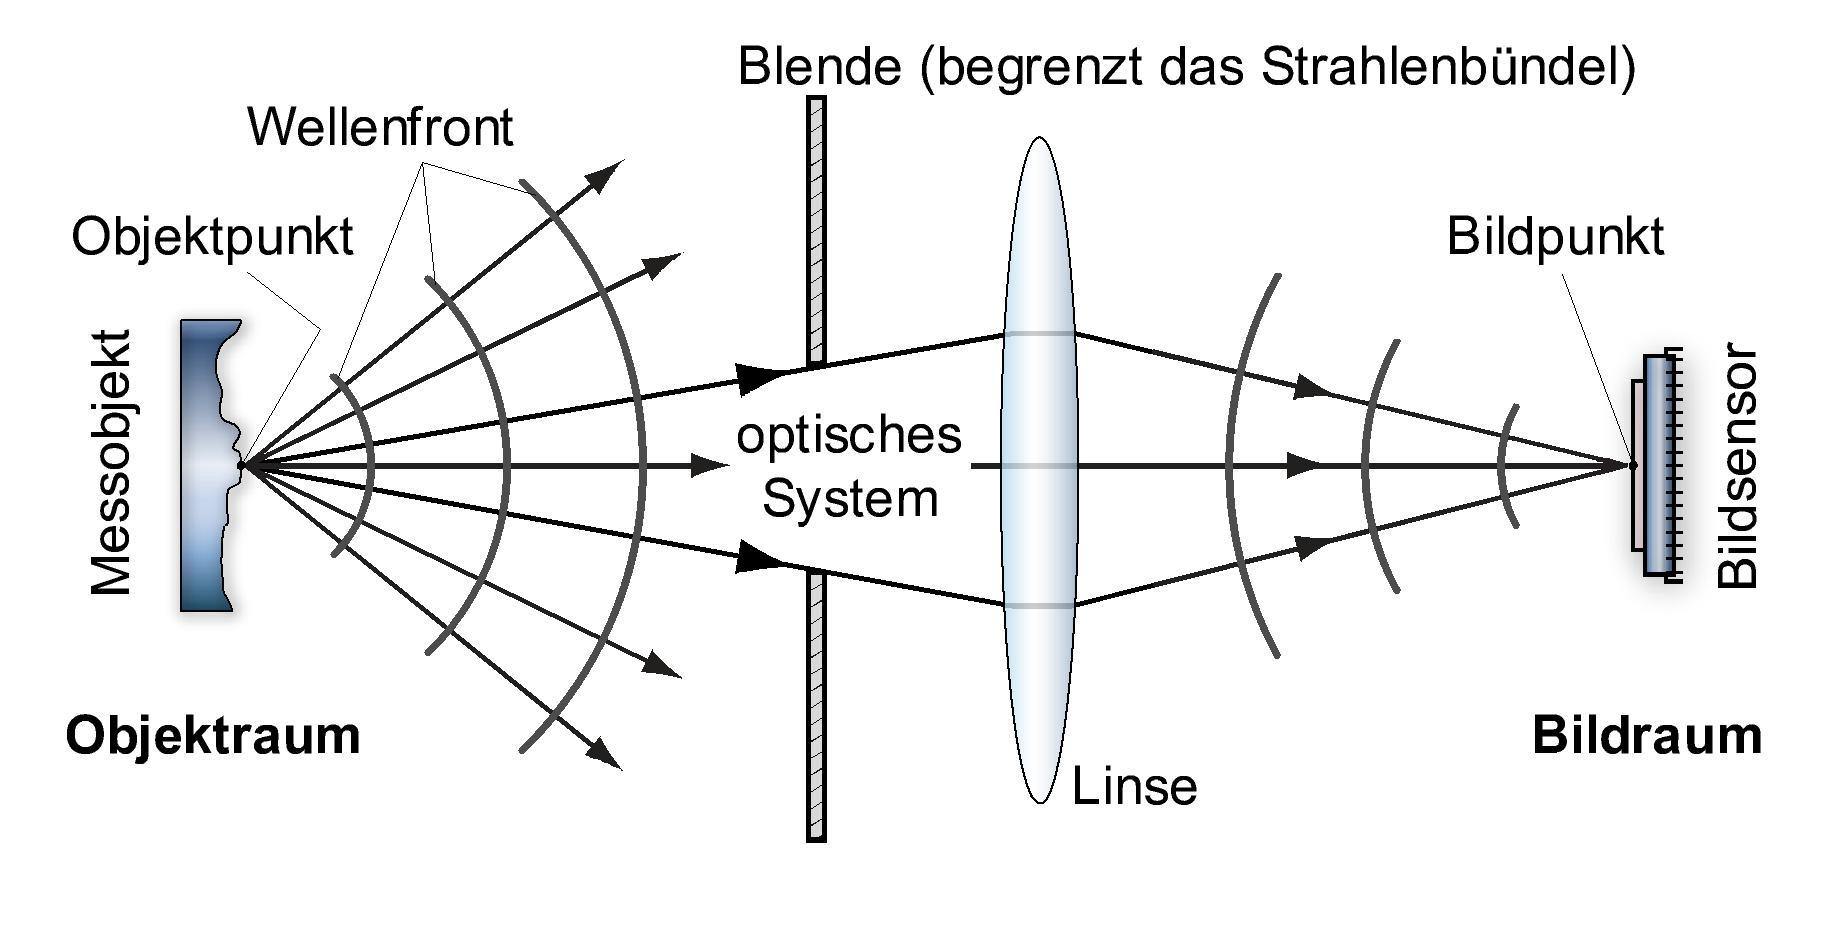 Ber 252 Hmt Schn 252 der diagramm ber 252 hmt diagramm einer einfachen schaltung ideen der gro 223 z 252 gig doppel